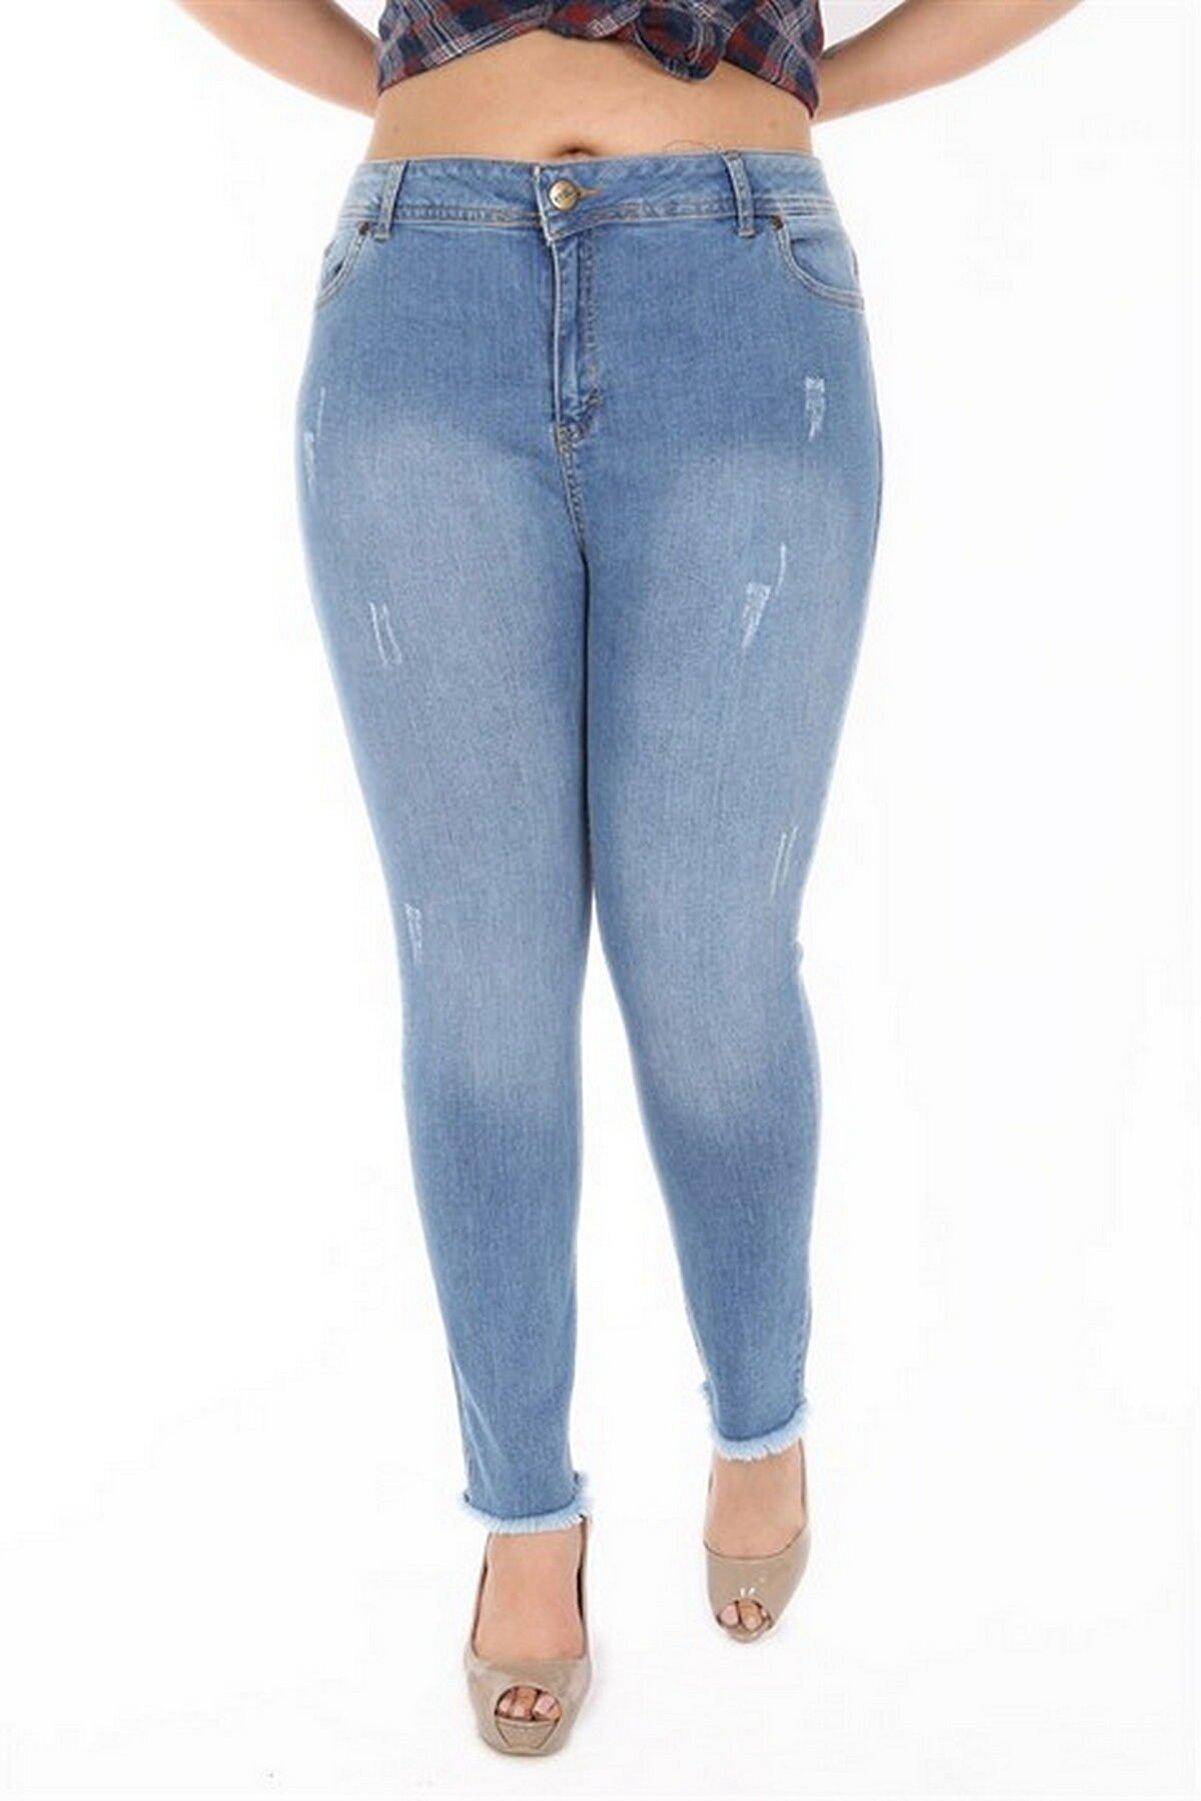 Günay Kadın Mavi Kot Yüksek Bel Dar Paça Pantolon Rg1288